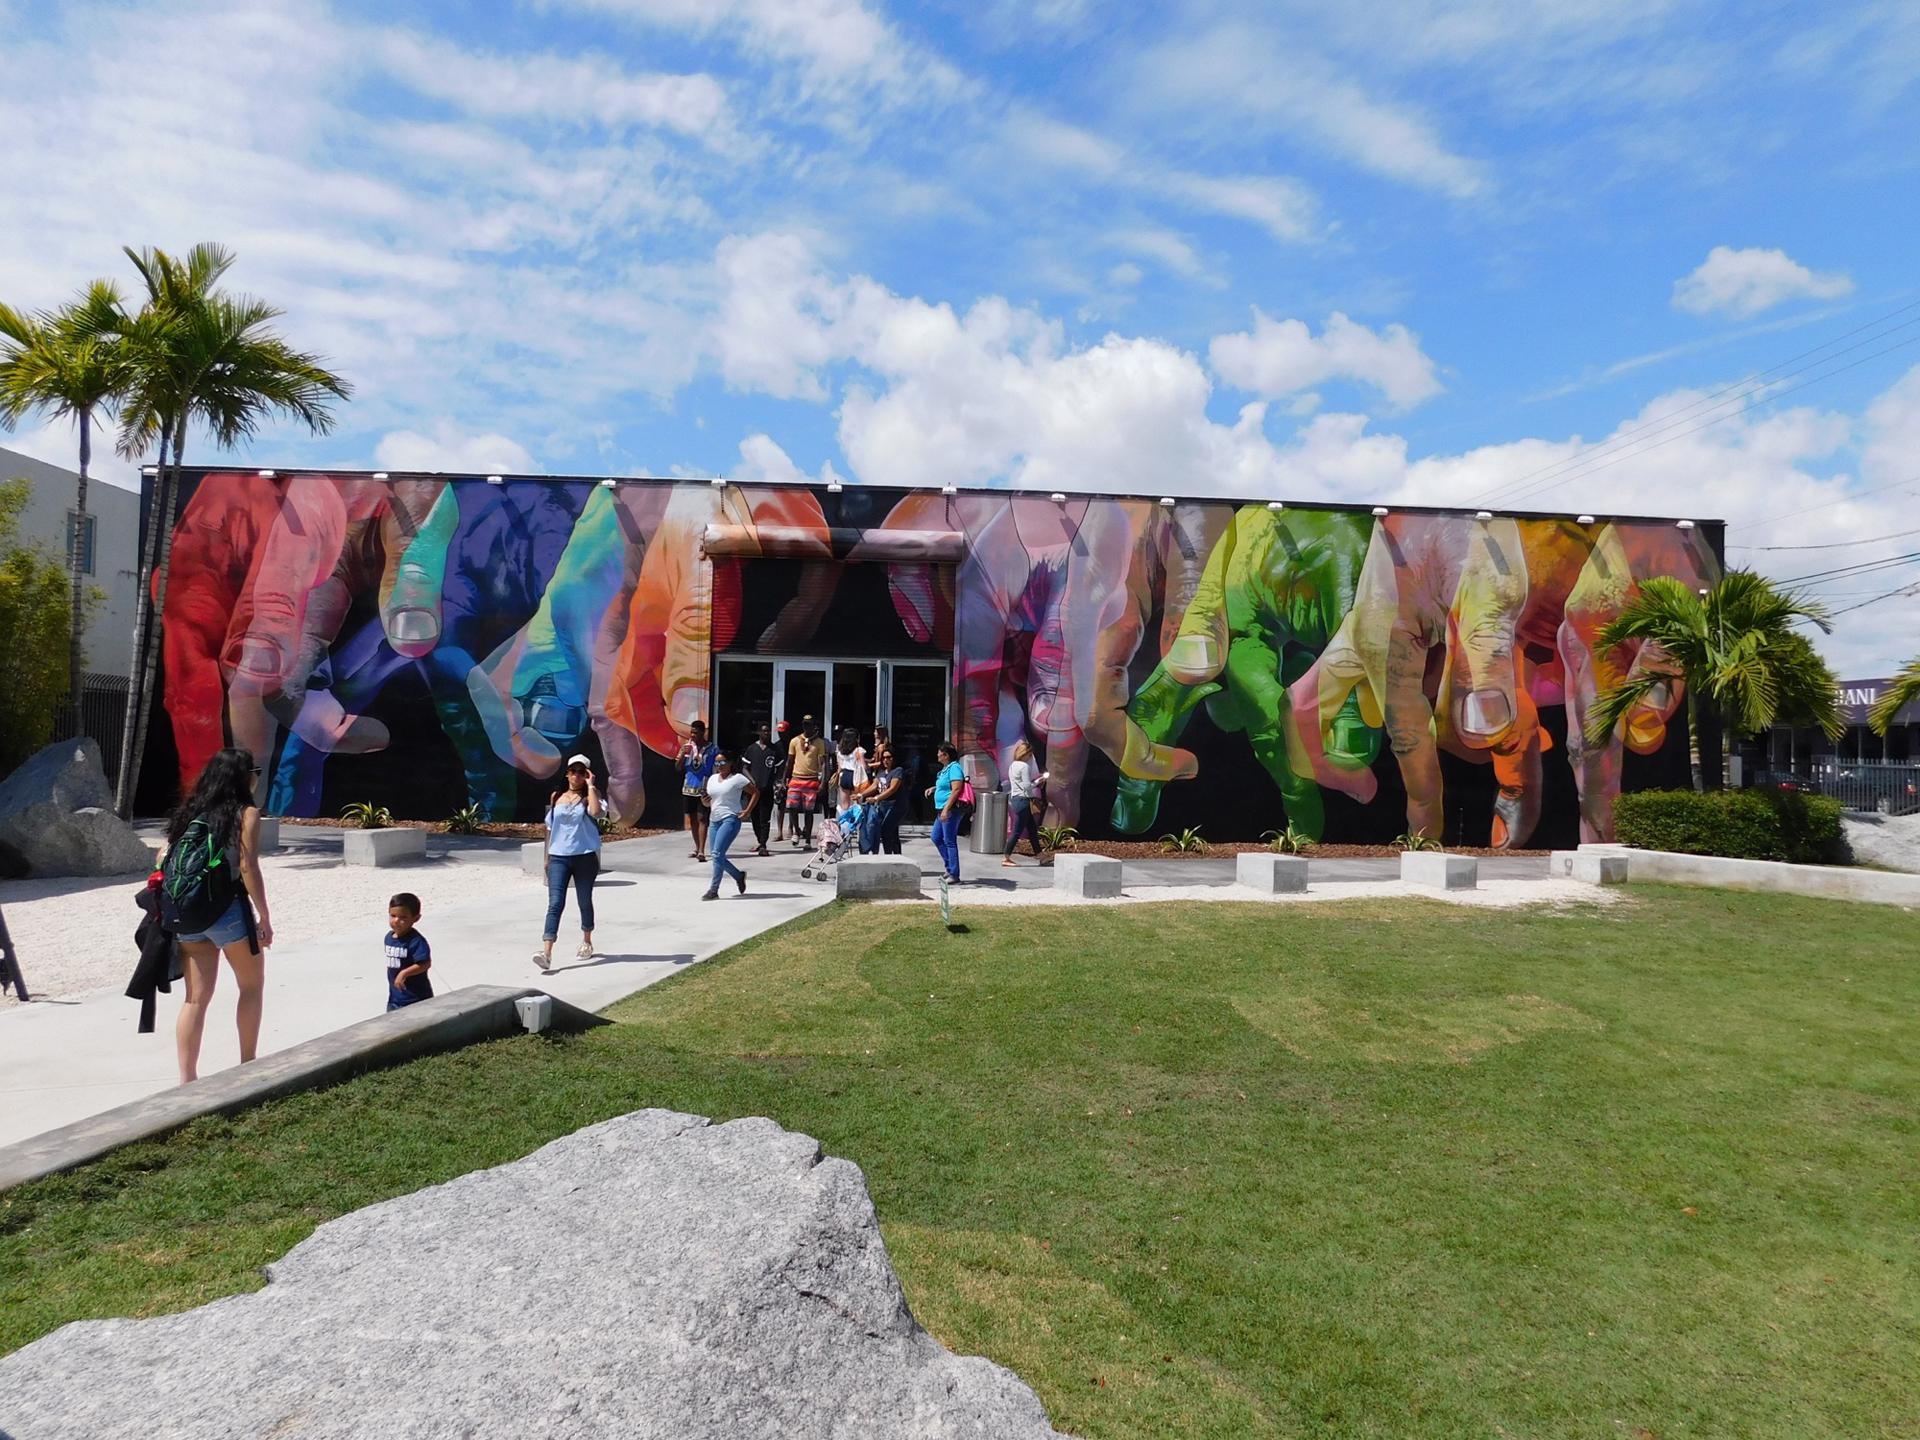 La fachada de la galería están pintadas de todos los colores manos de humanos entre lazados.